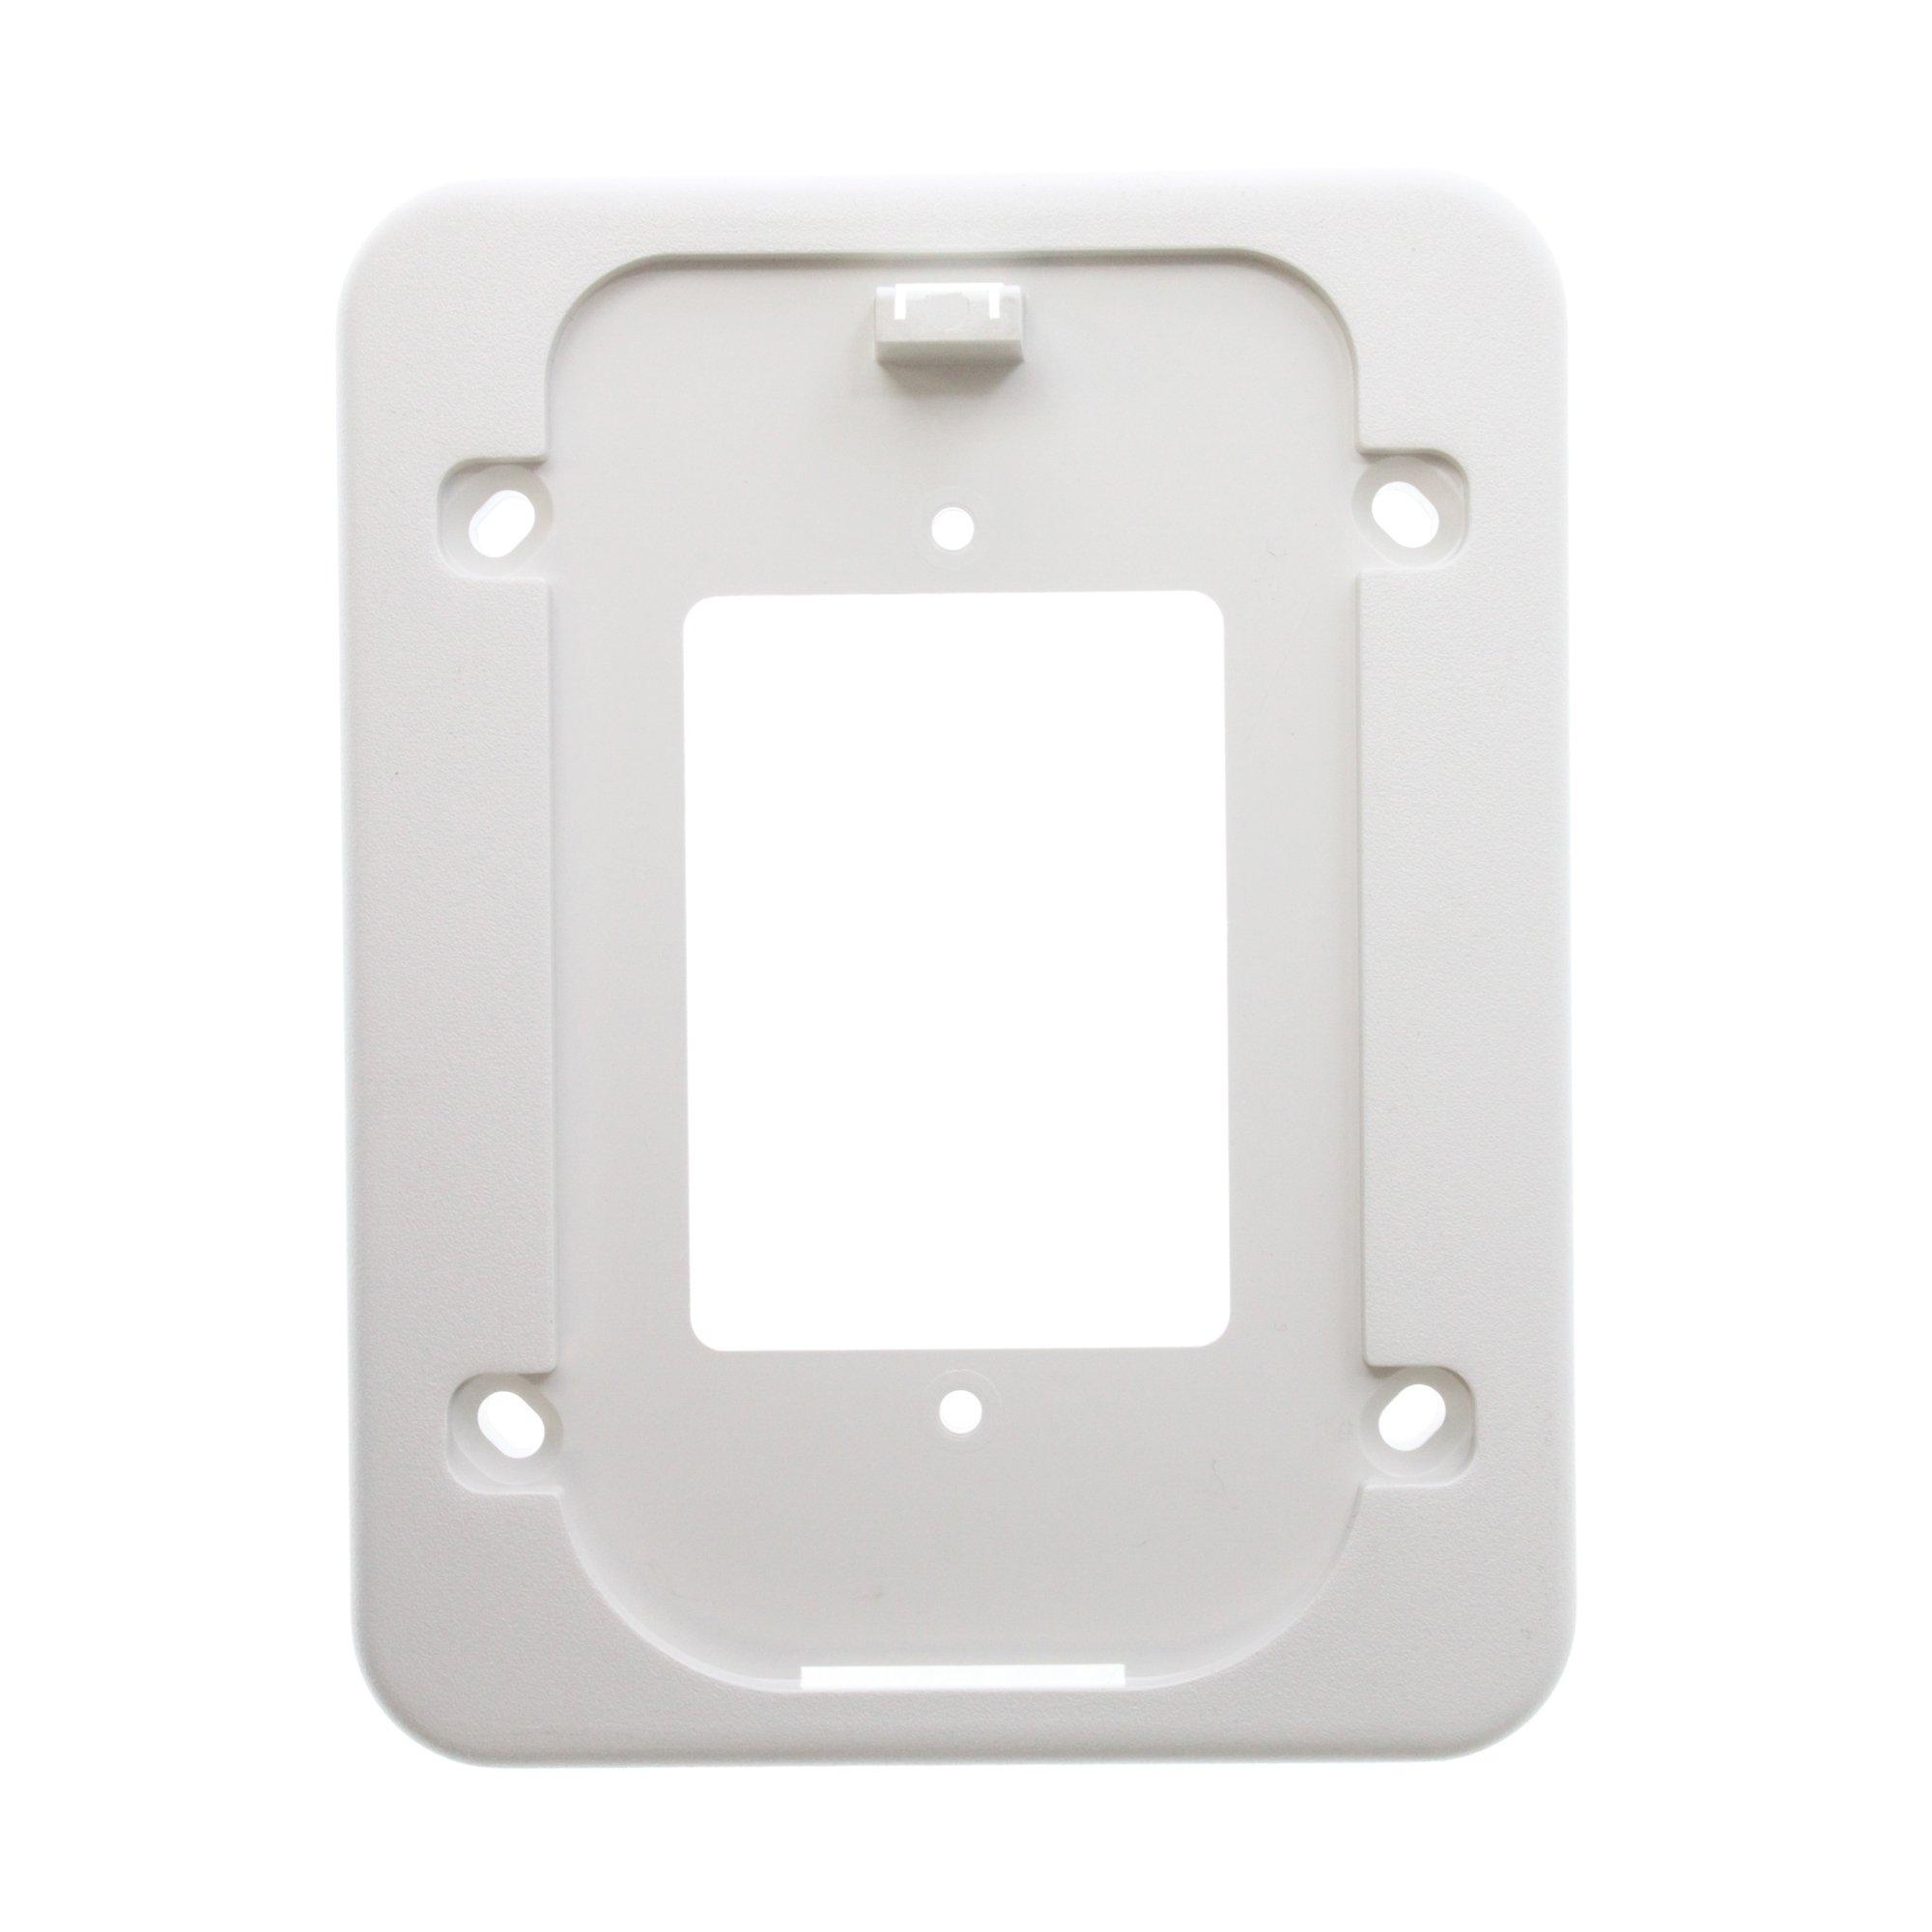 System Sensor BBSW SpectrAlert Advance Alarm Wall Mount Back Box Skirt